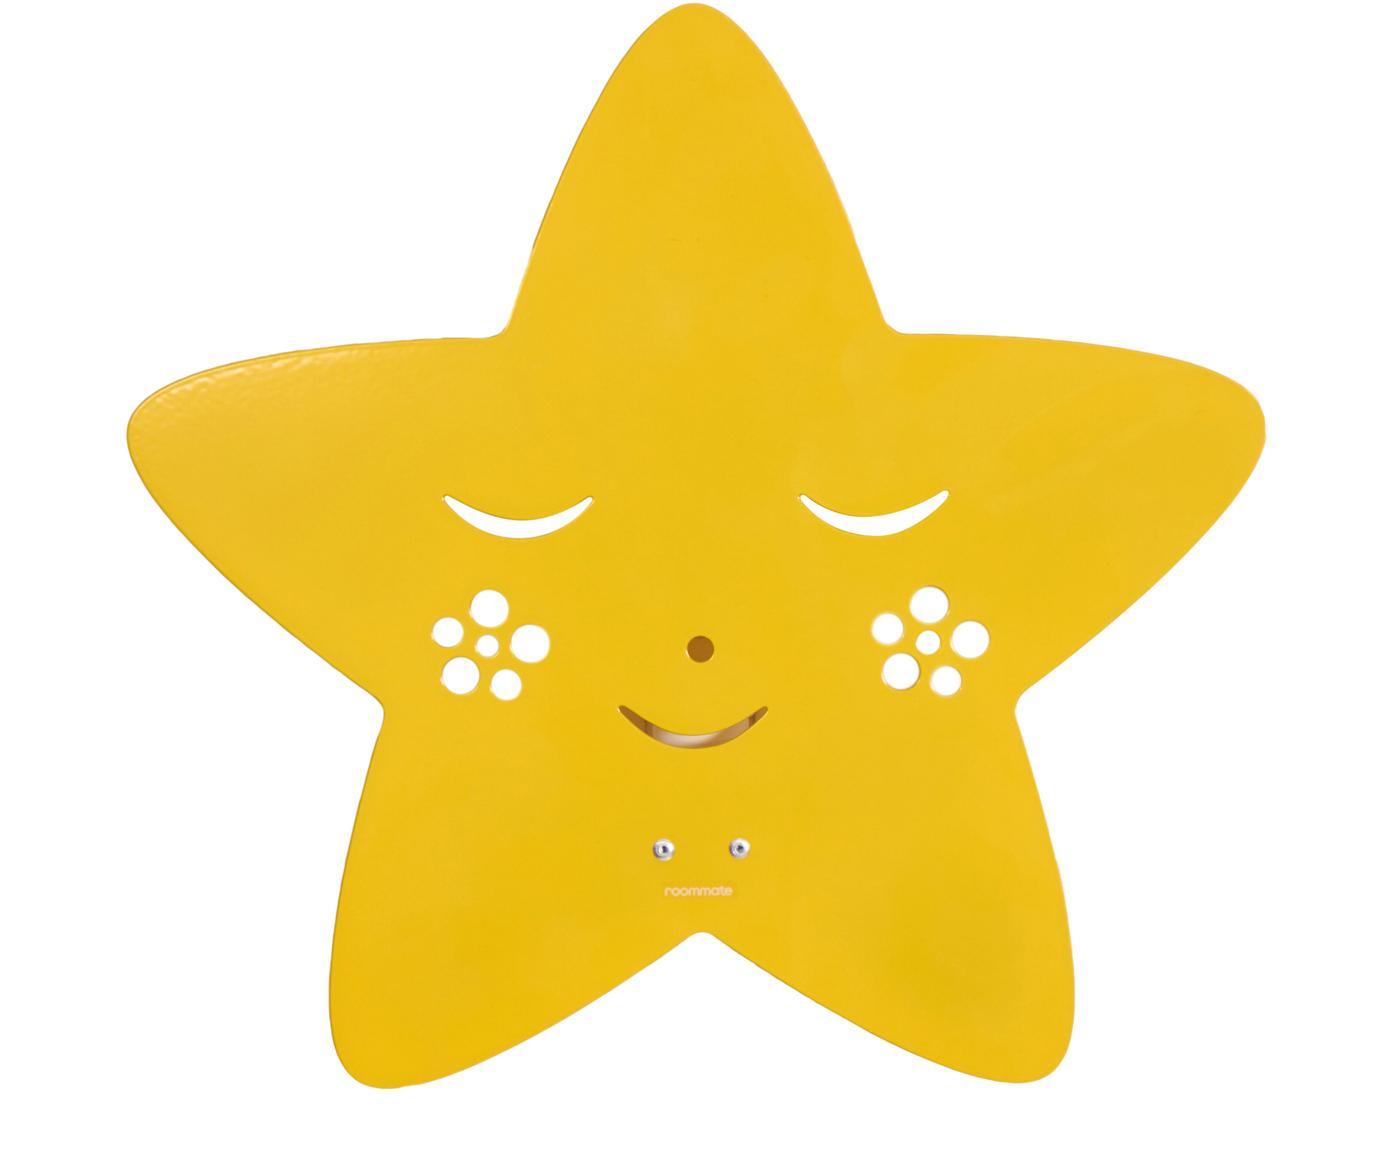 Wandlamp Star, Gepoedercoat metaal, Geel, 30 x 29 cm